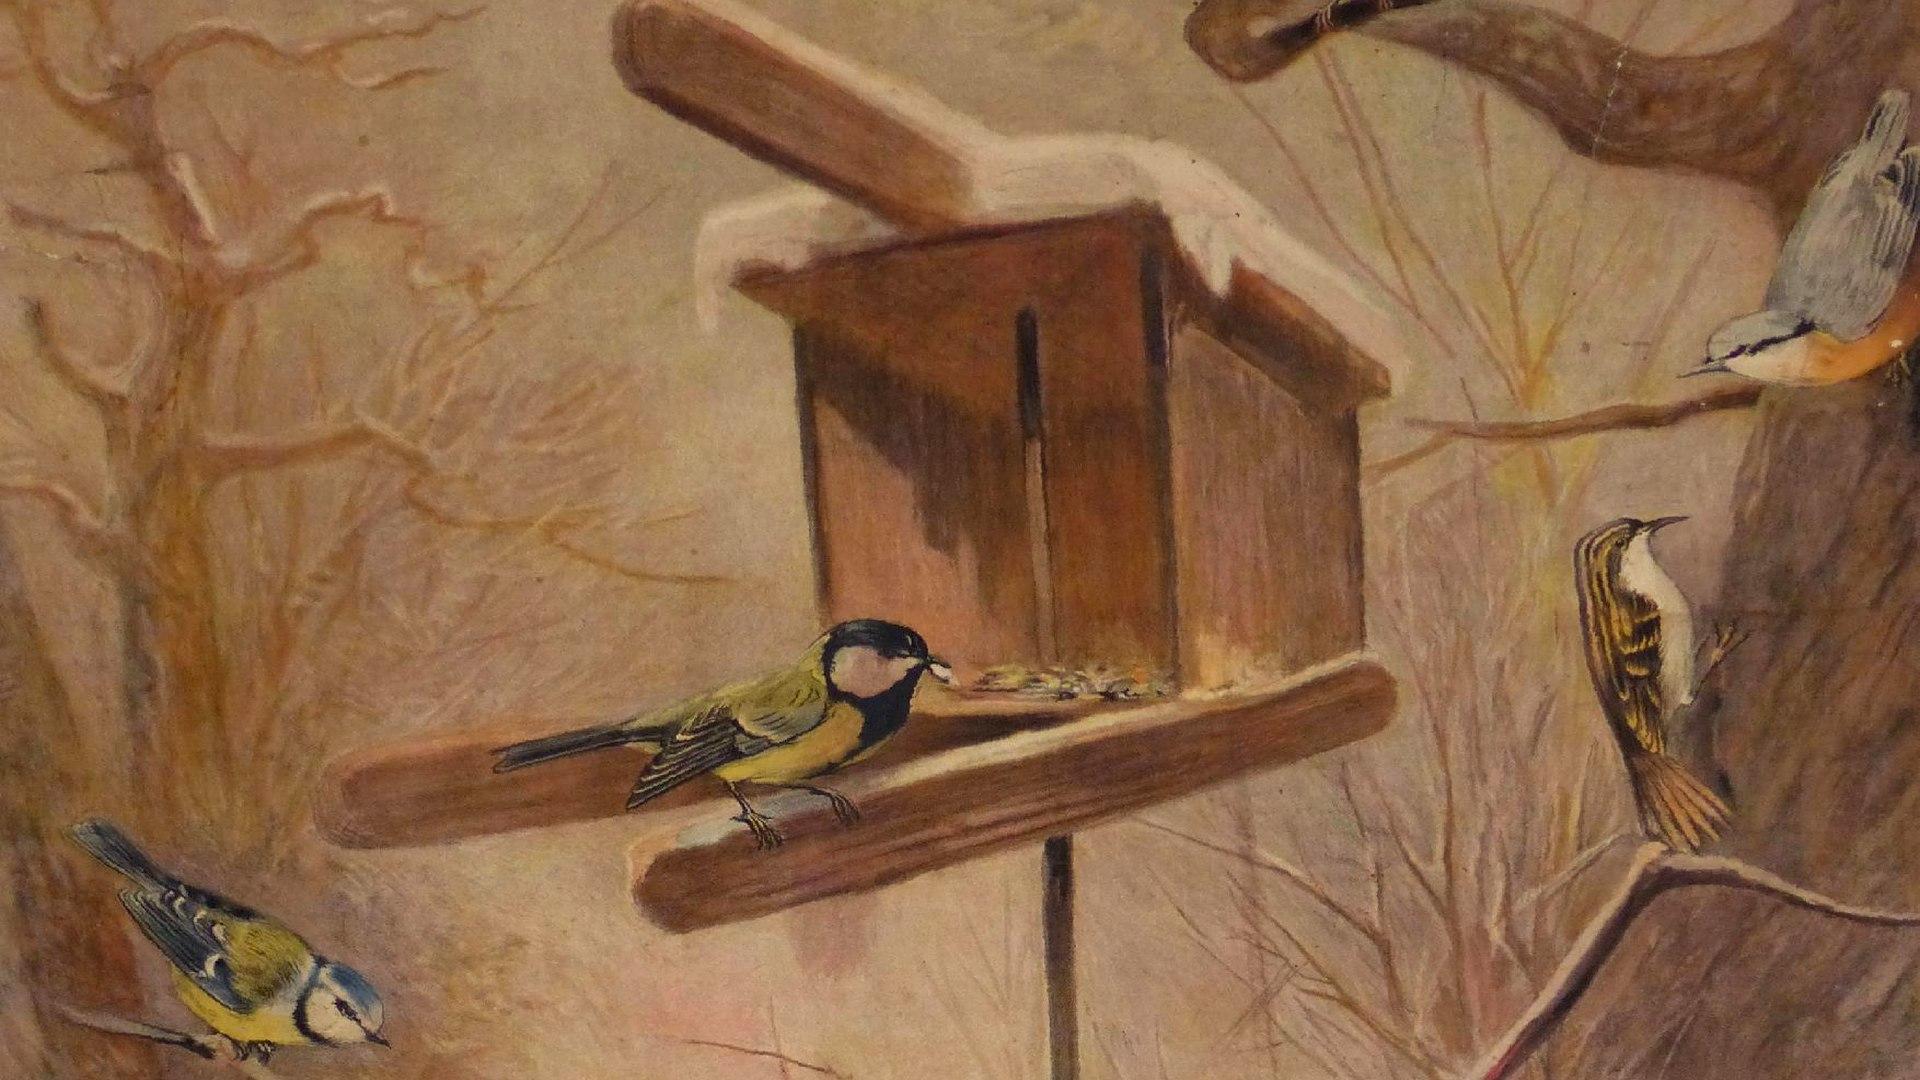 Archiv obce - Výstava Ptáci na krmítku